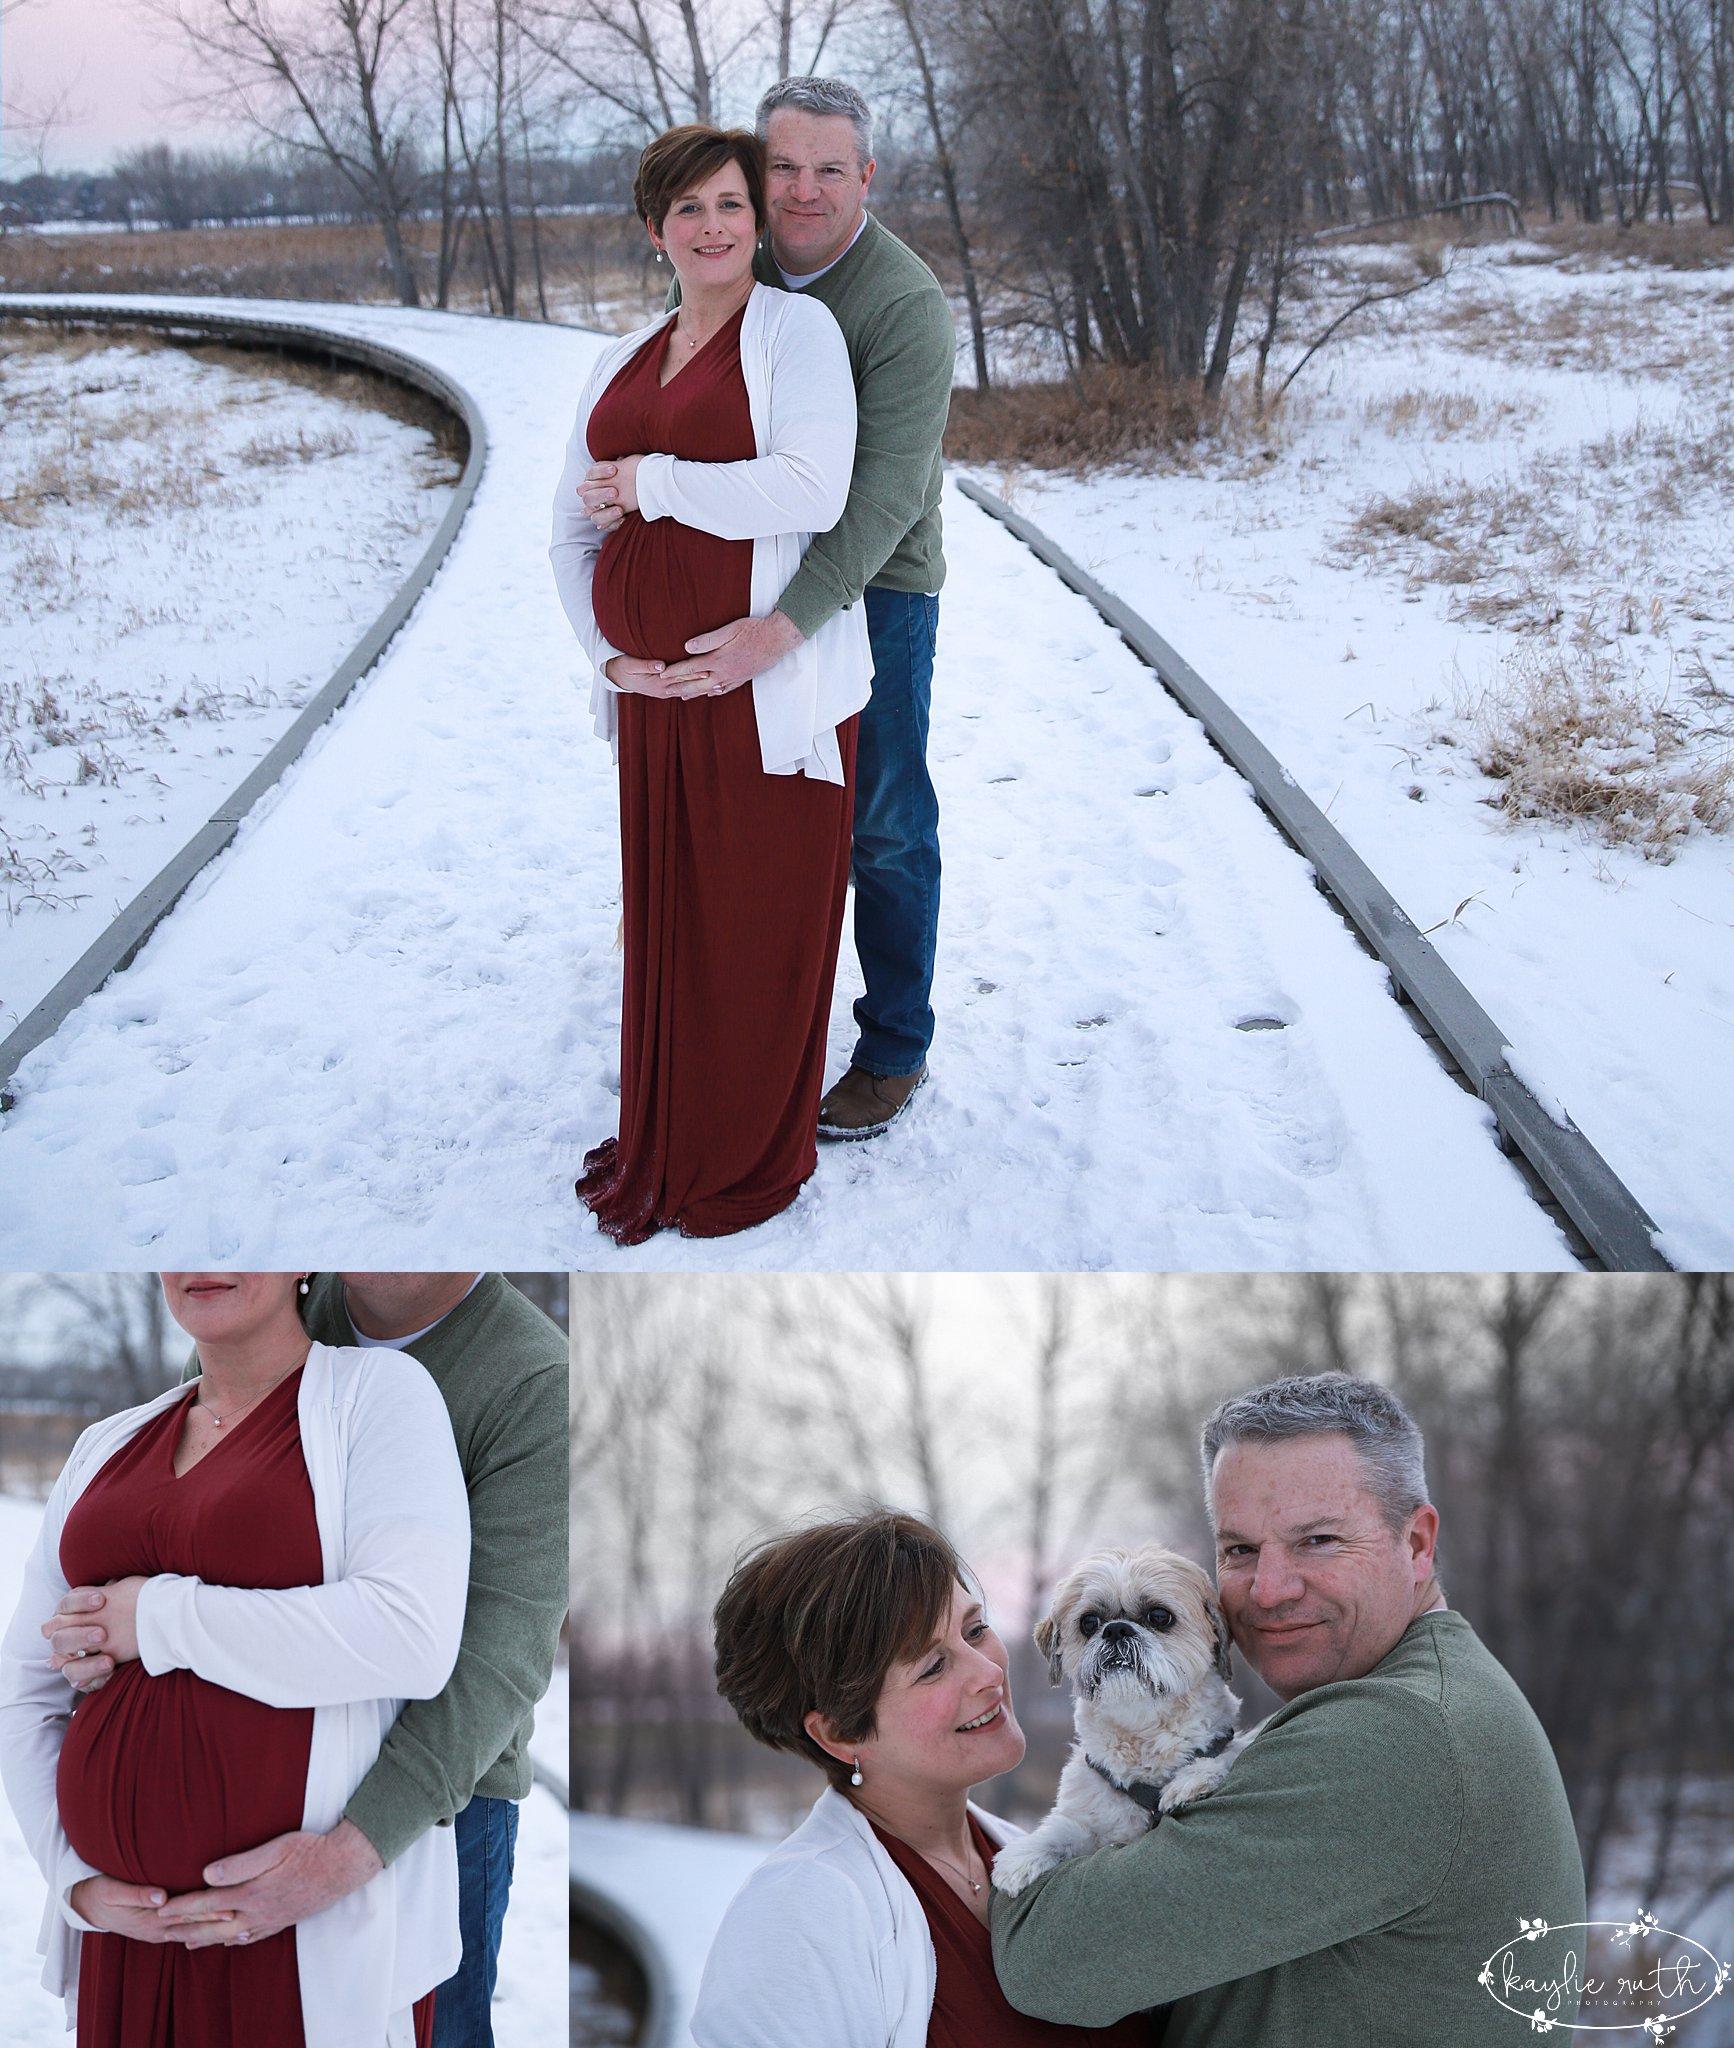 maternity photography denver colorado, Denver Maternity Photographer